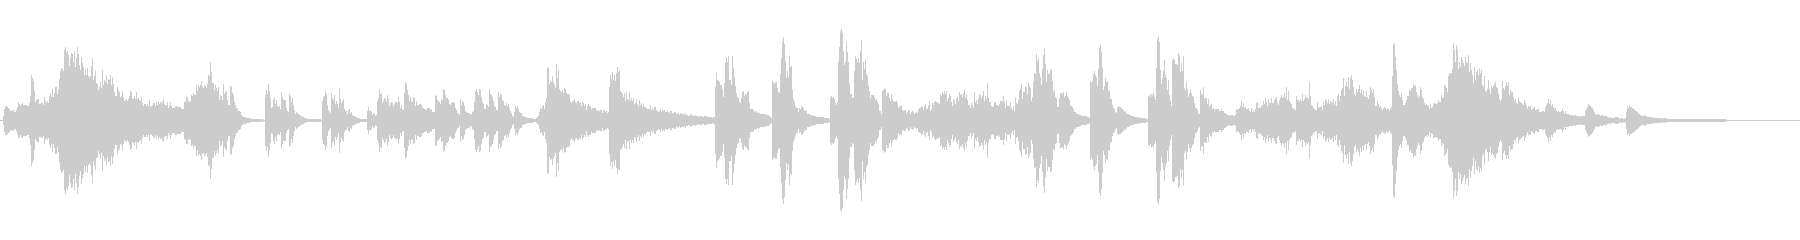 ダークなシンセとピアノのアンビエントな曲の未再生の波形